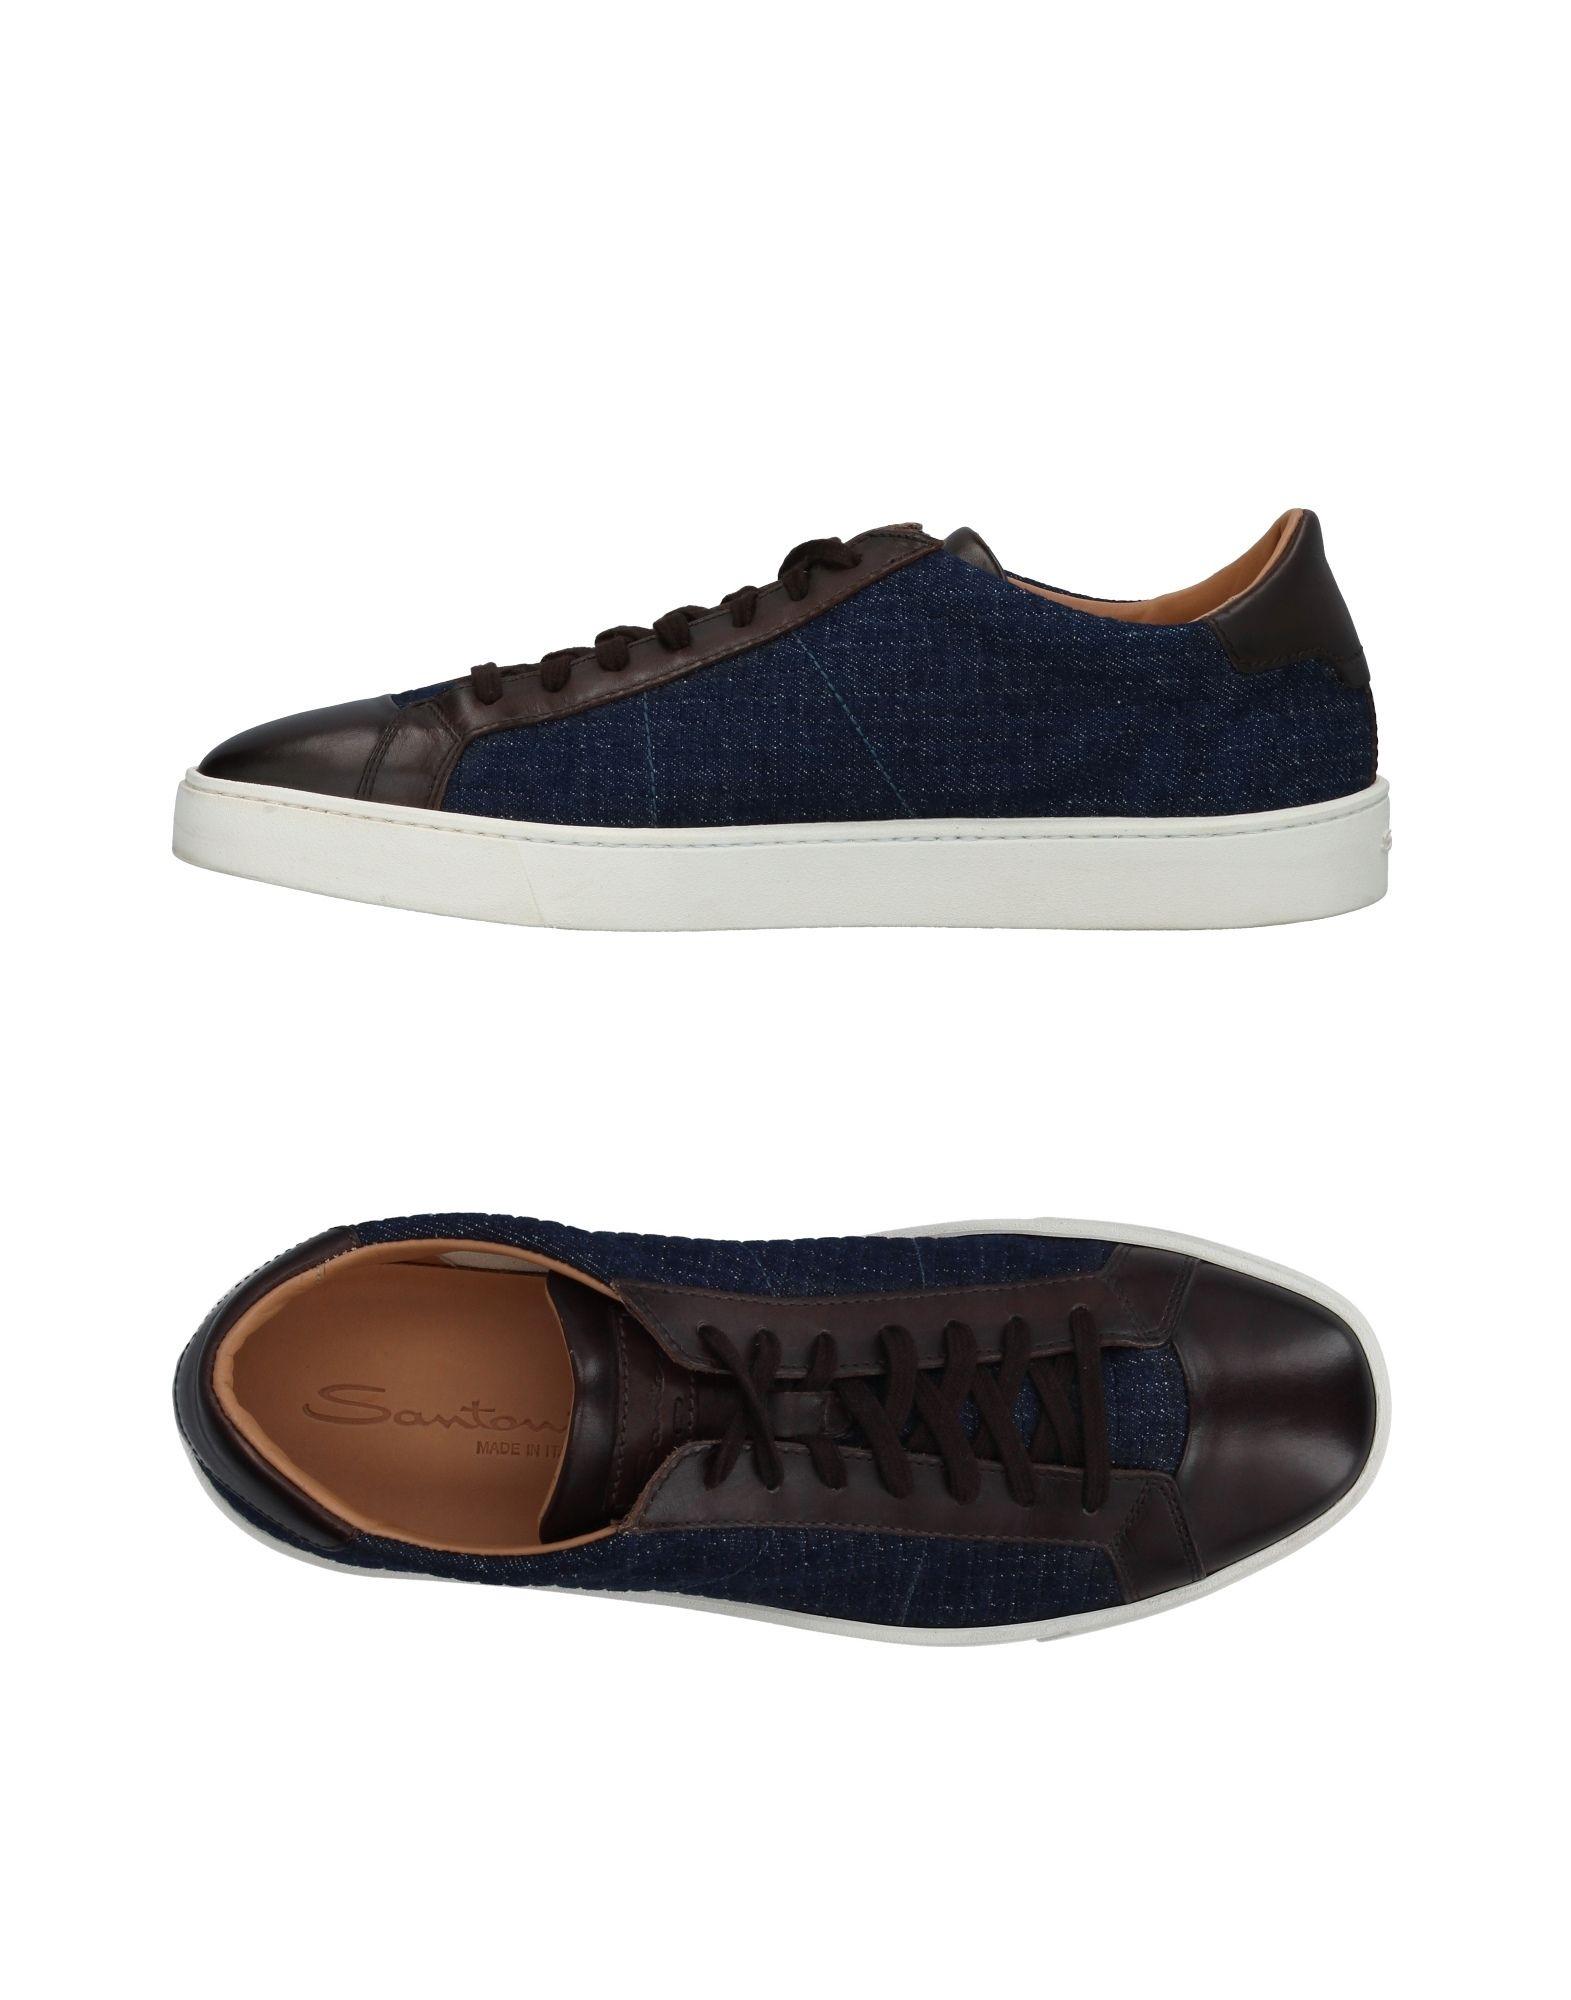 Santoni Sneakers Herren  11409456GC Gute Qualität beliebte Schuhe